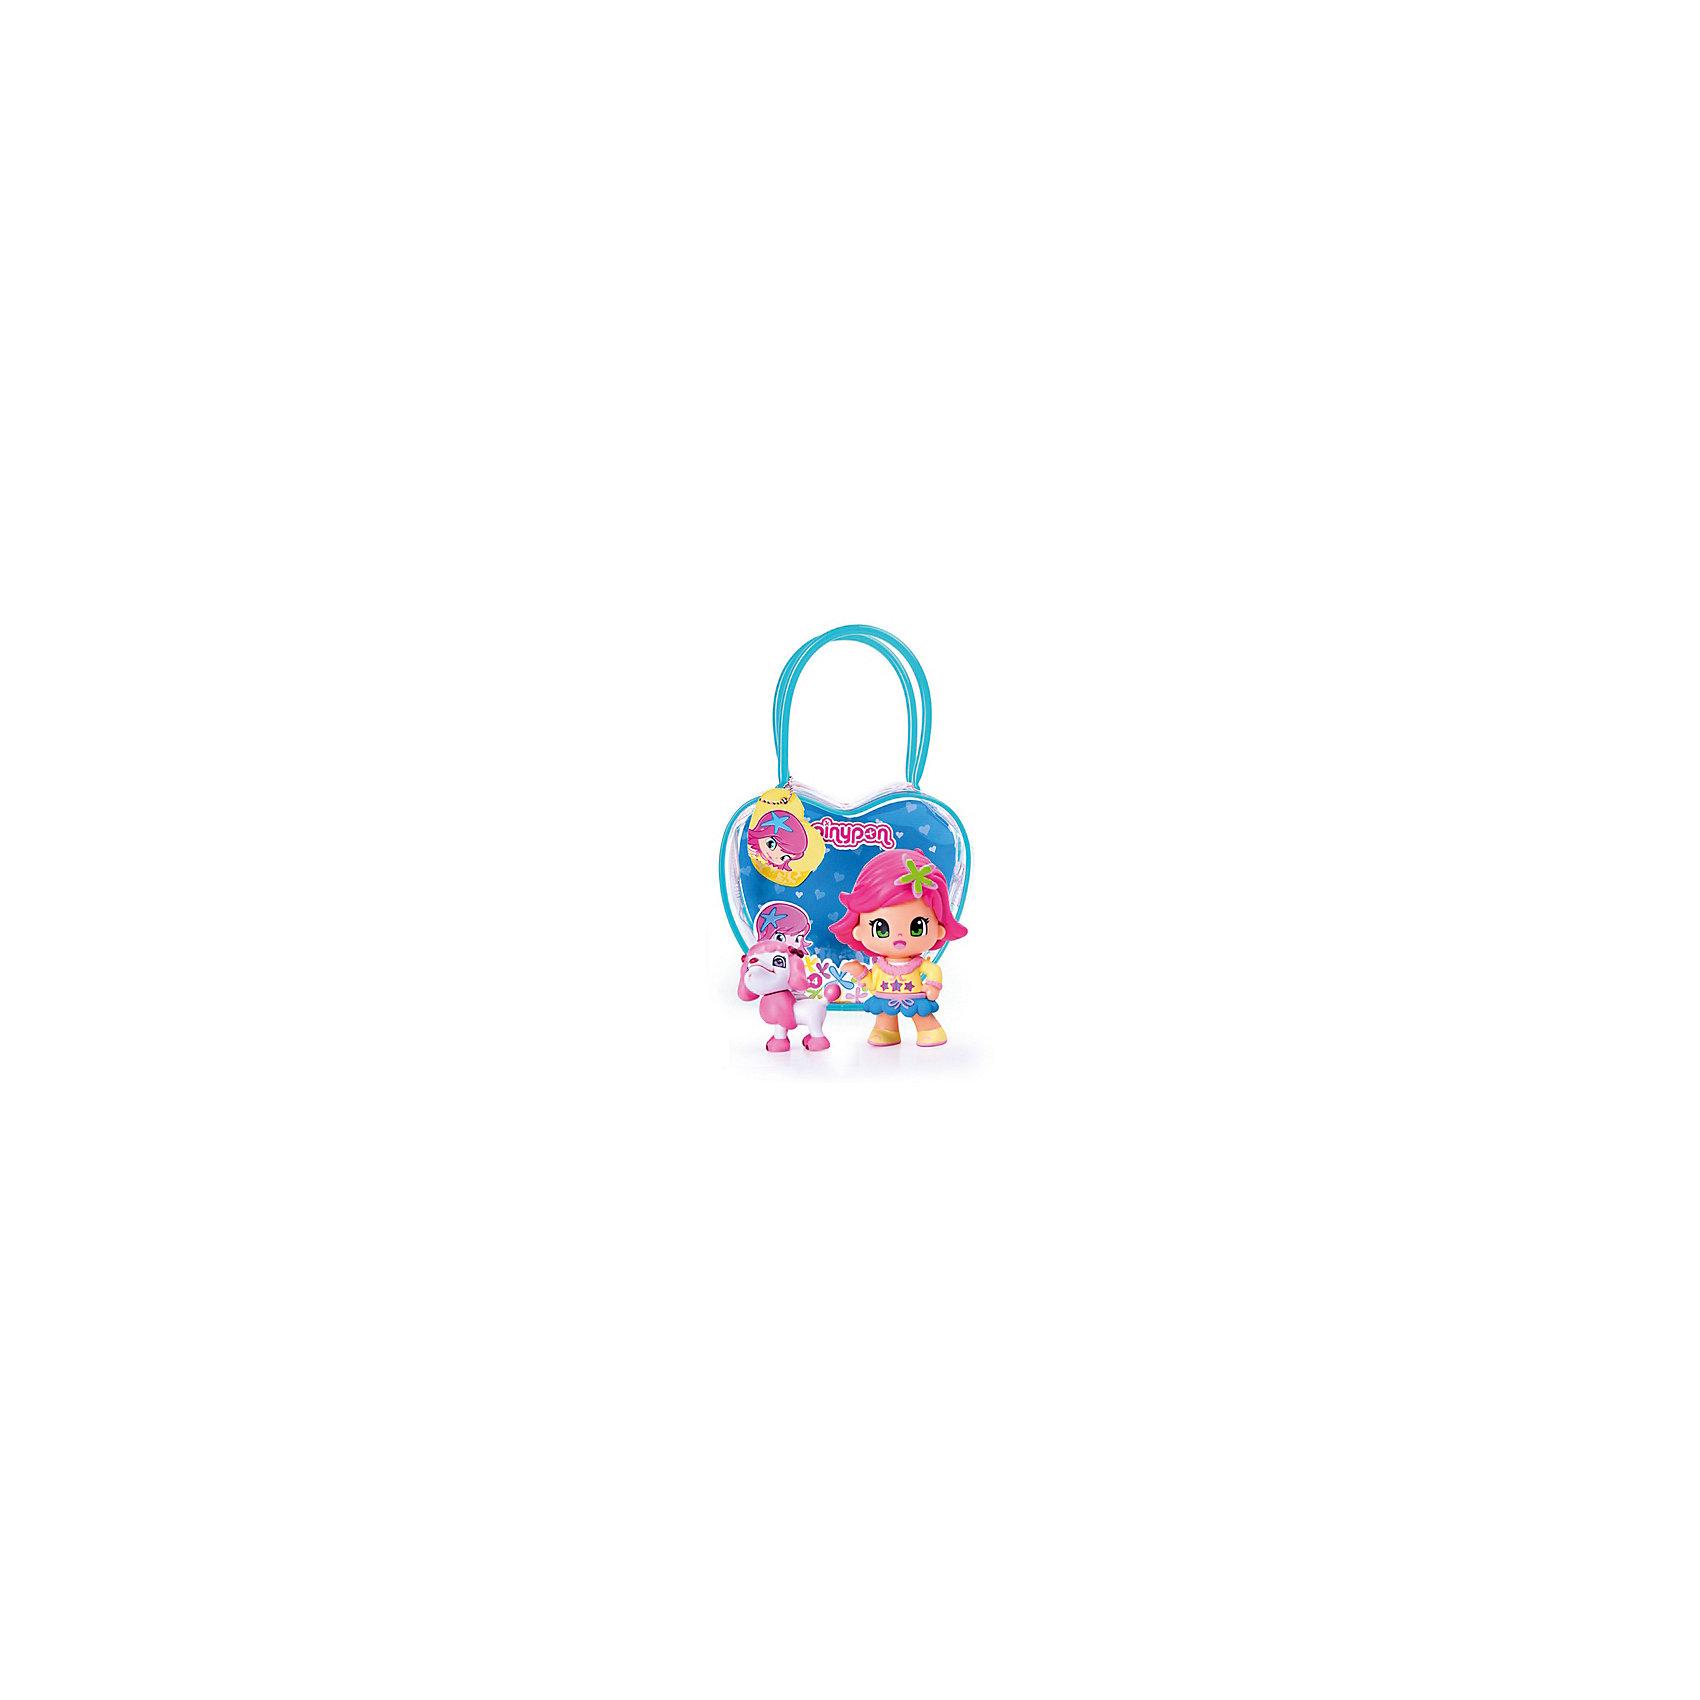 Кукла Пинипон с розовыми волосами с собачкой в сумочке, FamosaБренды кукол<br>Кукла Пинипон с розовыми волосами с собачкой в сумочке, Famosa<br><br>В набор входит:<br><br>-1 куколка<br>-питомец-собачка<br>-аксессуары<br>-сумочка<br><br>Характеристики:<br><br>-Возраст: от 4 лет<br>-Для девочек<br>-Высота куклы: 7 см<br>-Материал: пластик<br>-Марка: Famosa(Фамоса)<br><br>Кукла Пинипон с розовыми волосами с собачкой в сумочке, Famosa сделает игры ещё интереснее, ведь у нее есть свой питомец-собачка и множество аксессуаров для ее преображения. <br>Ребёнок легко сможет поместить игрушки в маленькую сумочку и сможет играть с ними не только дома. Все изделия изготовлены из качественного материала, поэтому абсолютно безопасны для детей.<br><br>Кукла Пинипон с розовыми волосами с собачкой в сумочке, Famosa можно приобрести в нашем интернет-магазине.<br><br>Ширина мм: 220<br>Глубина мм: 50<br>Высота мм: 180<br>Вес г: 188<br>Возраст от месяцев: 48<br>Возраст до месяцев: 120<br>Пол: Женский<br>Возраст: Детский<br>SKU: 5115719